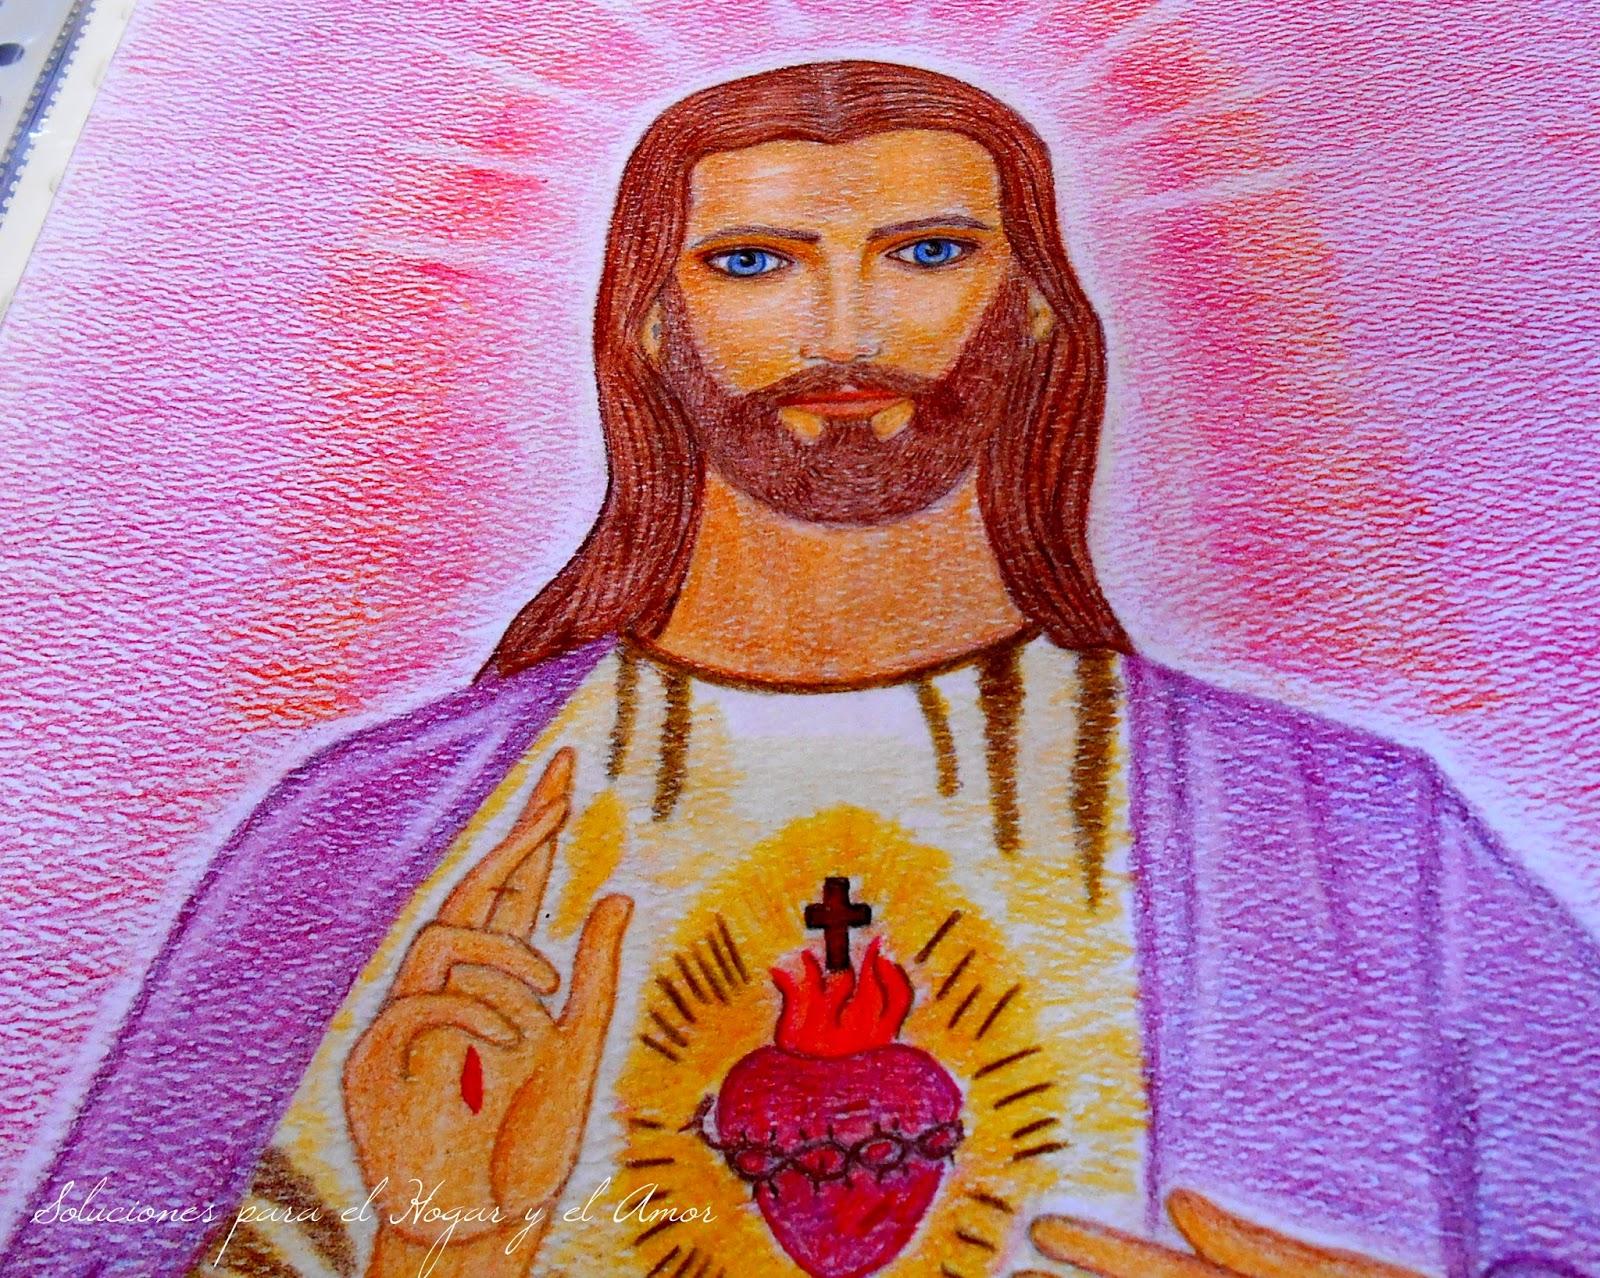 Mis Lápices y Dibujos, Sagrado Corazón de Jesús, Iconografía Religiosa